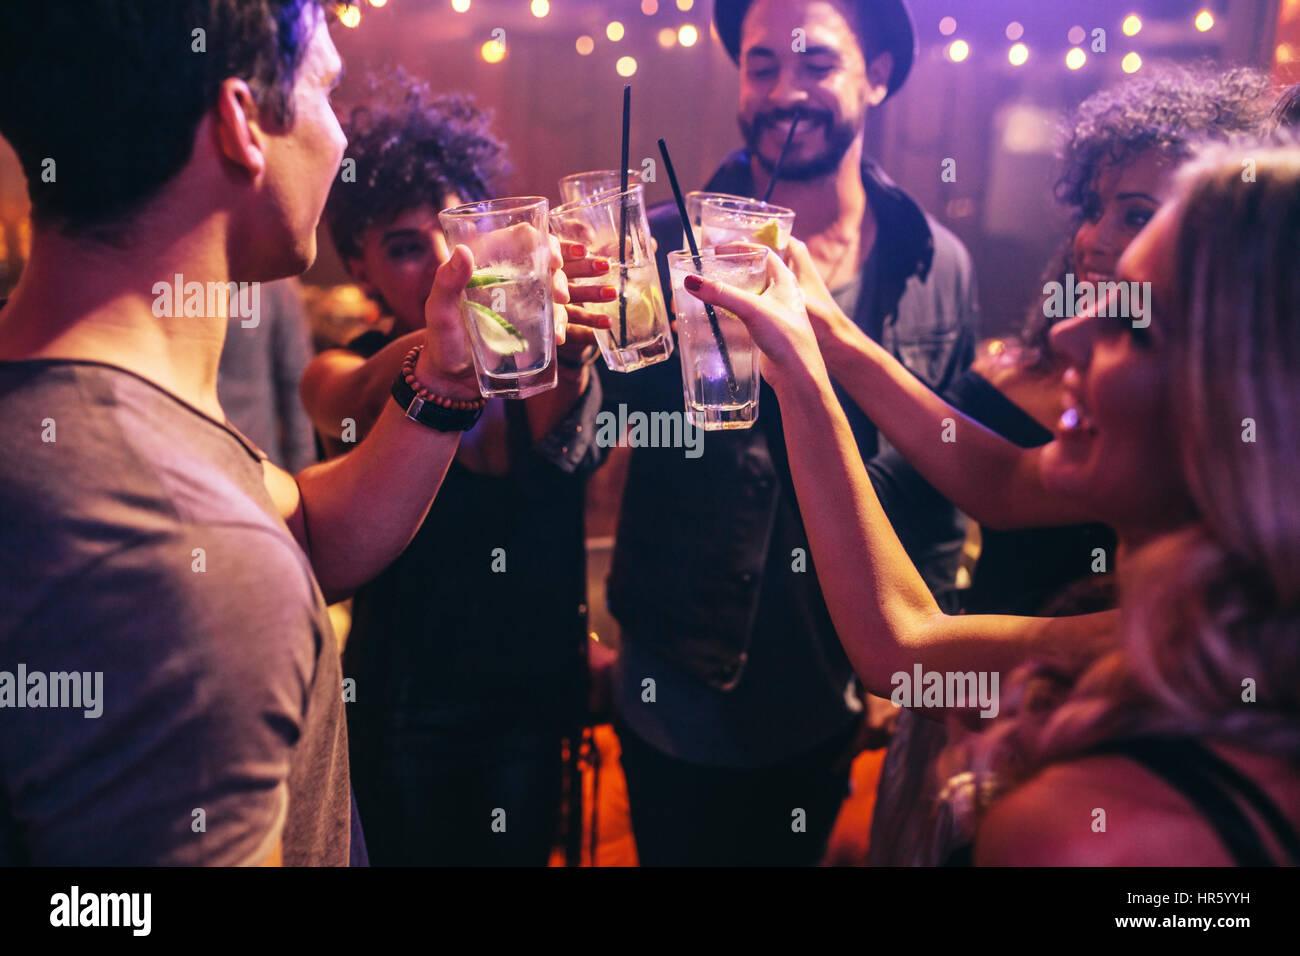 Groupe de jeunes amis au club with cocktails. Les jeunes hommes et femmes à discothèque fête avec Photo Stock